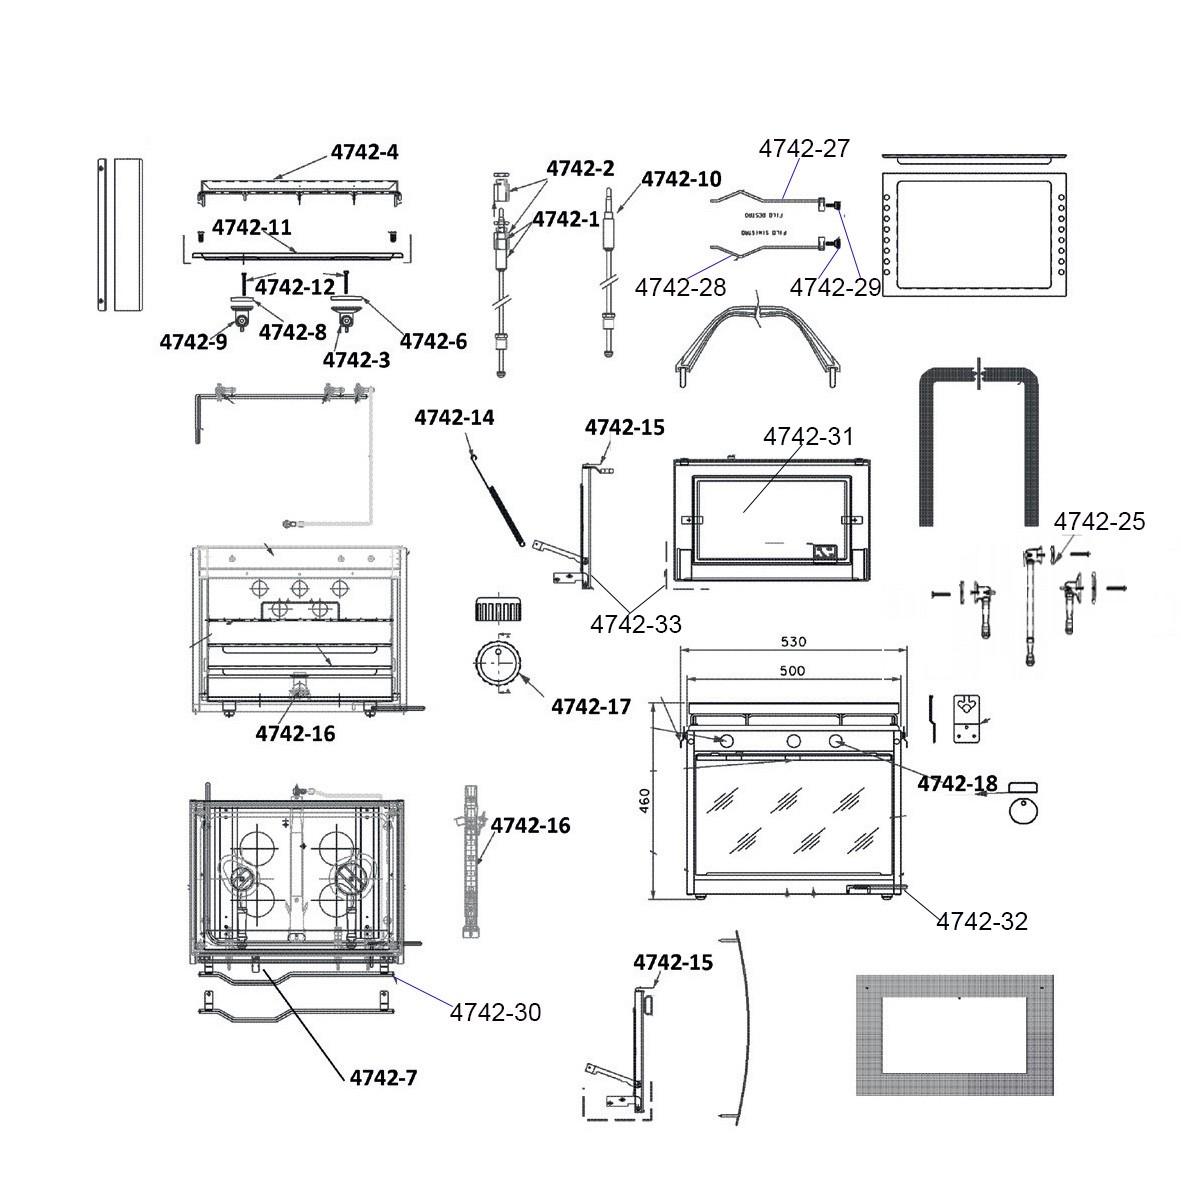 36.63 - Θερμοηλεκτρική Εστία 450mm - Ανταλλακτικό Κουζίνας